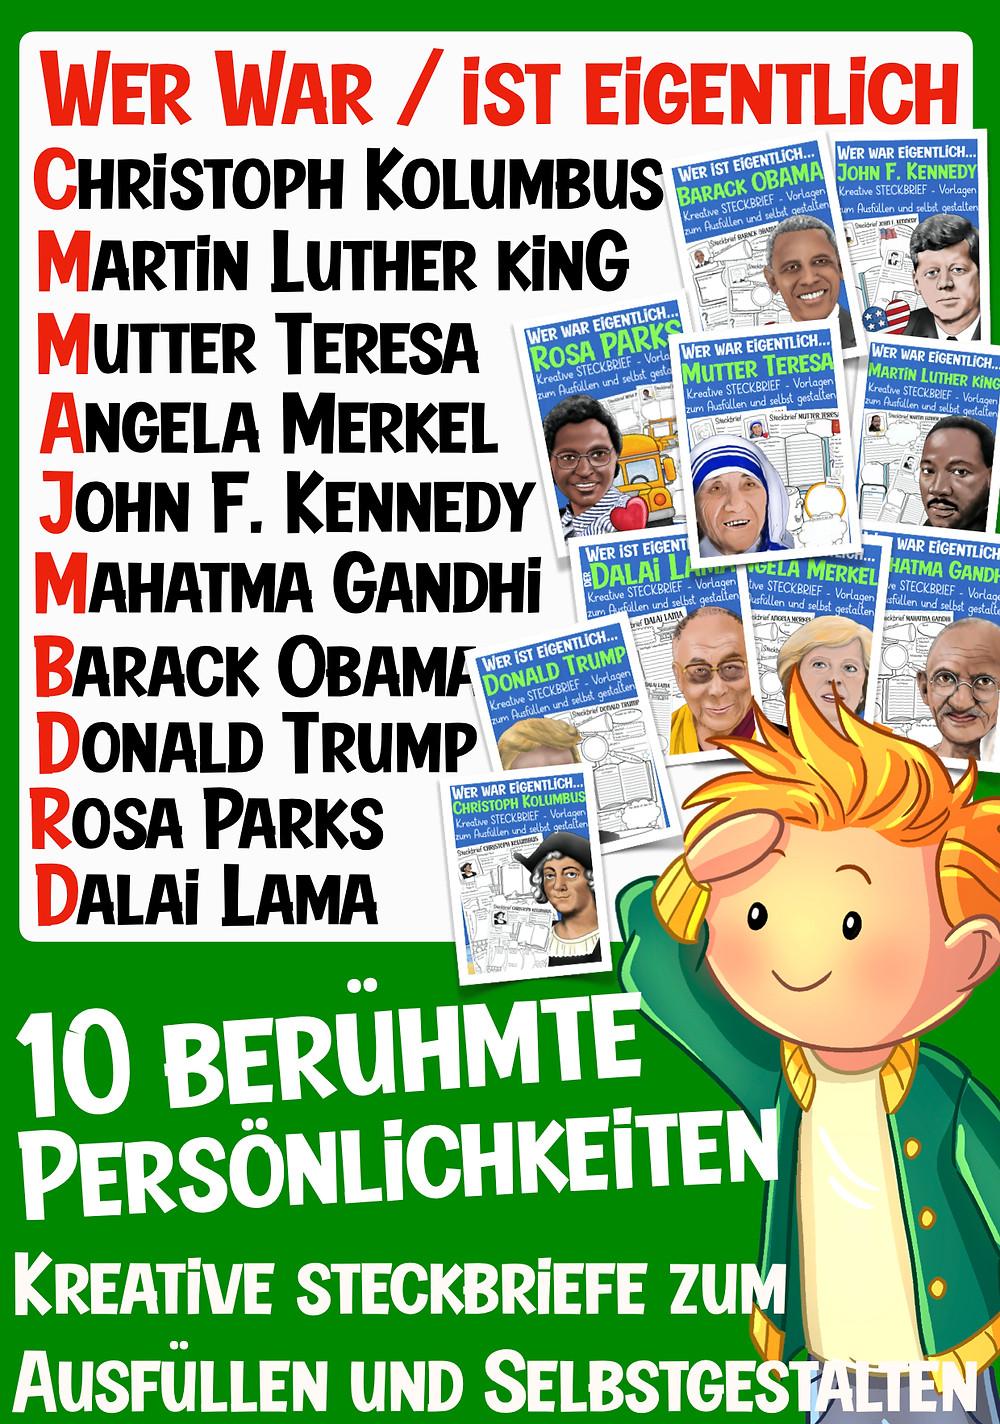 Berühmte Persönlichkeiten der Geschichte in der Grundschule präsentieren